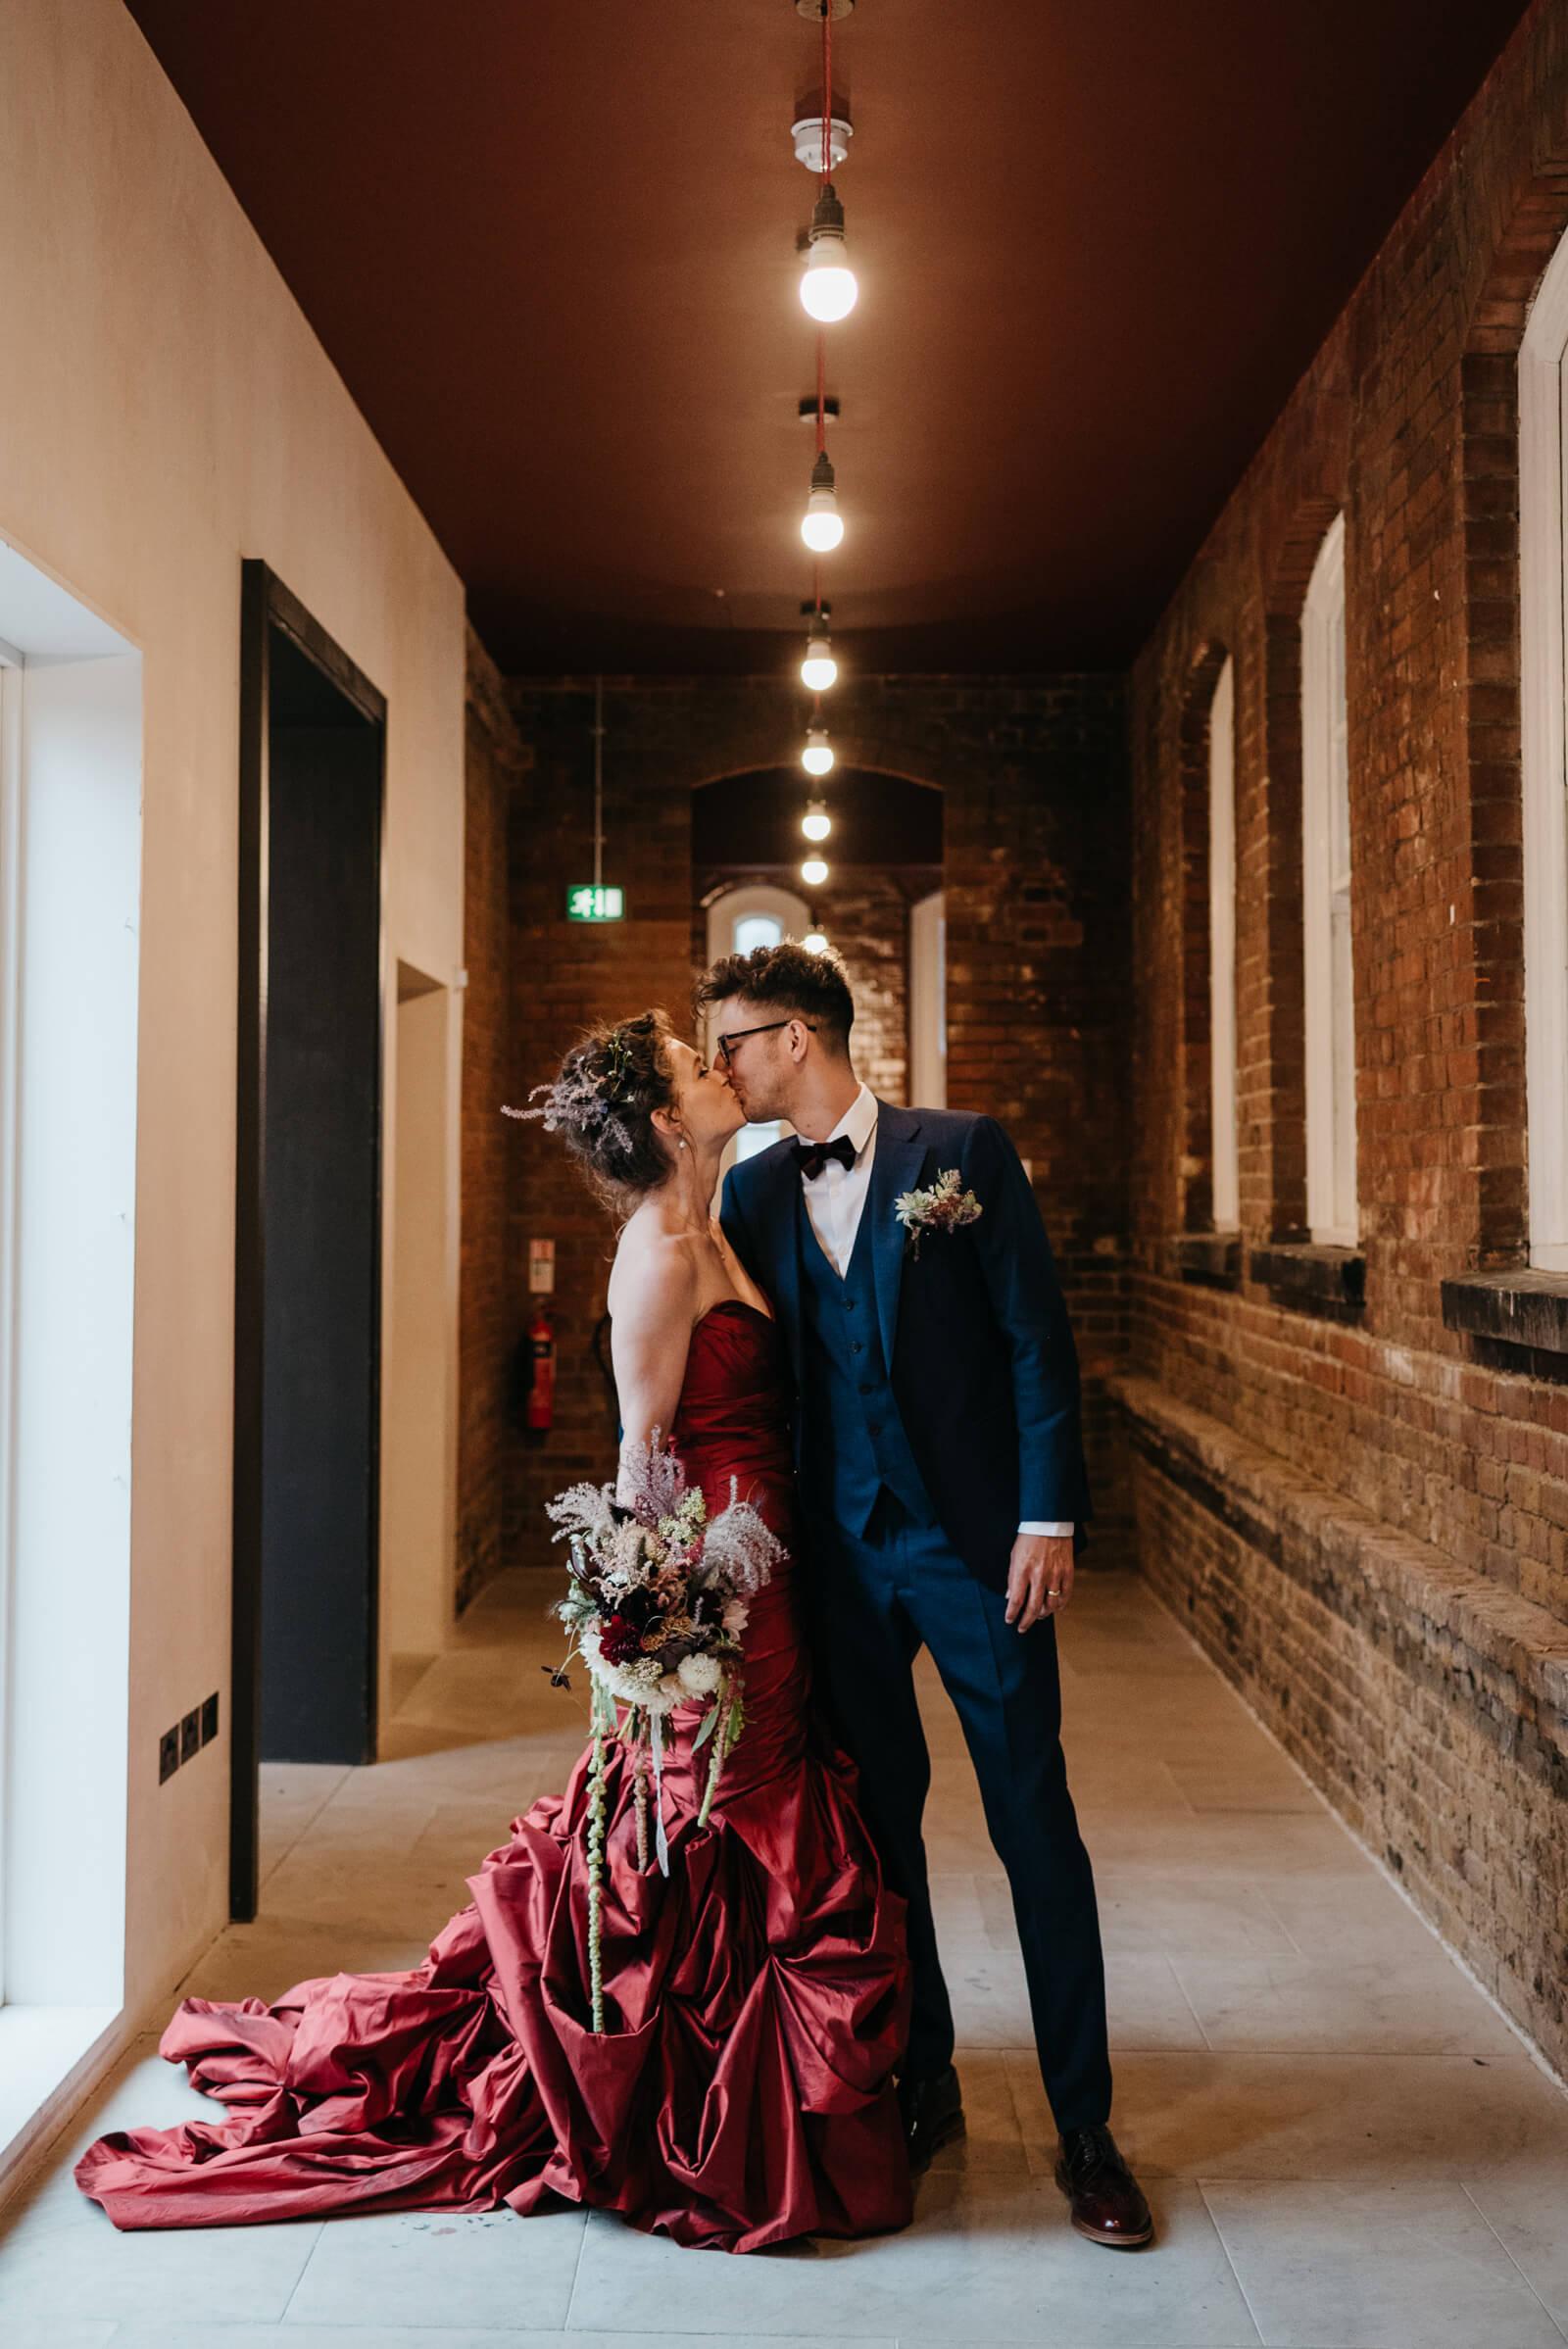 Bride & groom portraits in Battersea Arts Centre